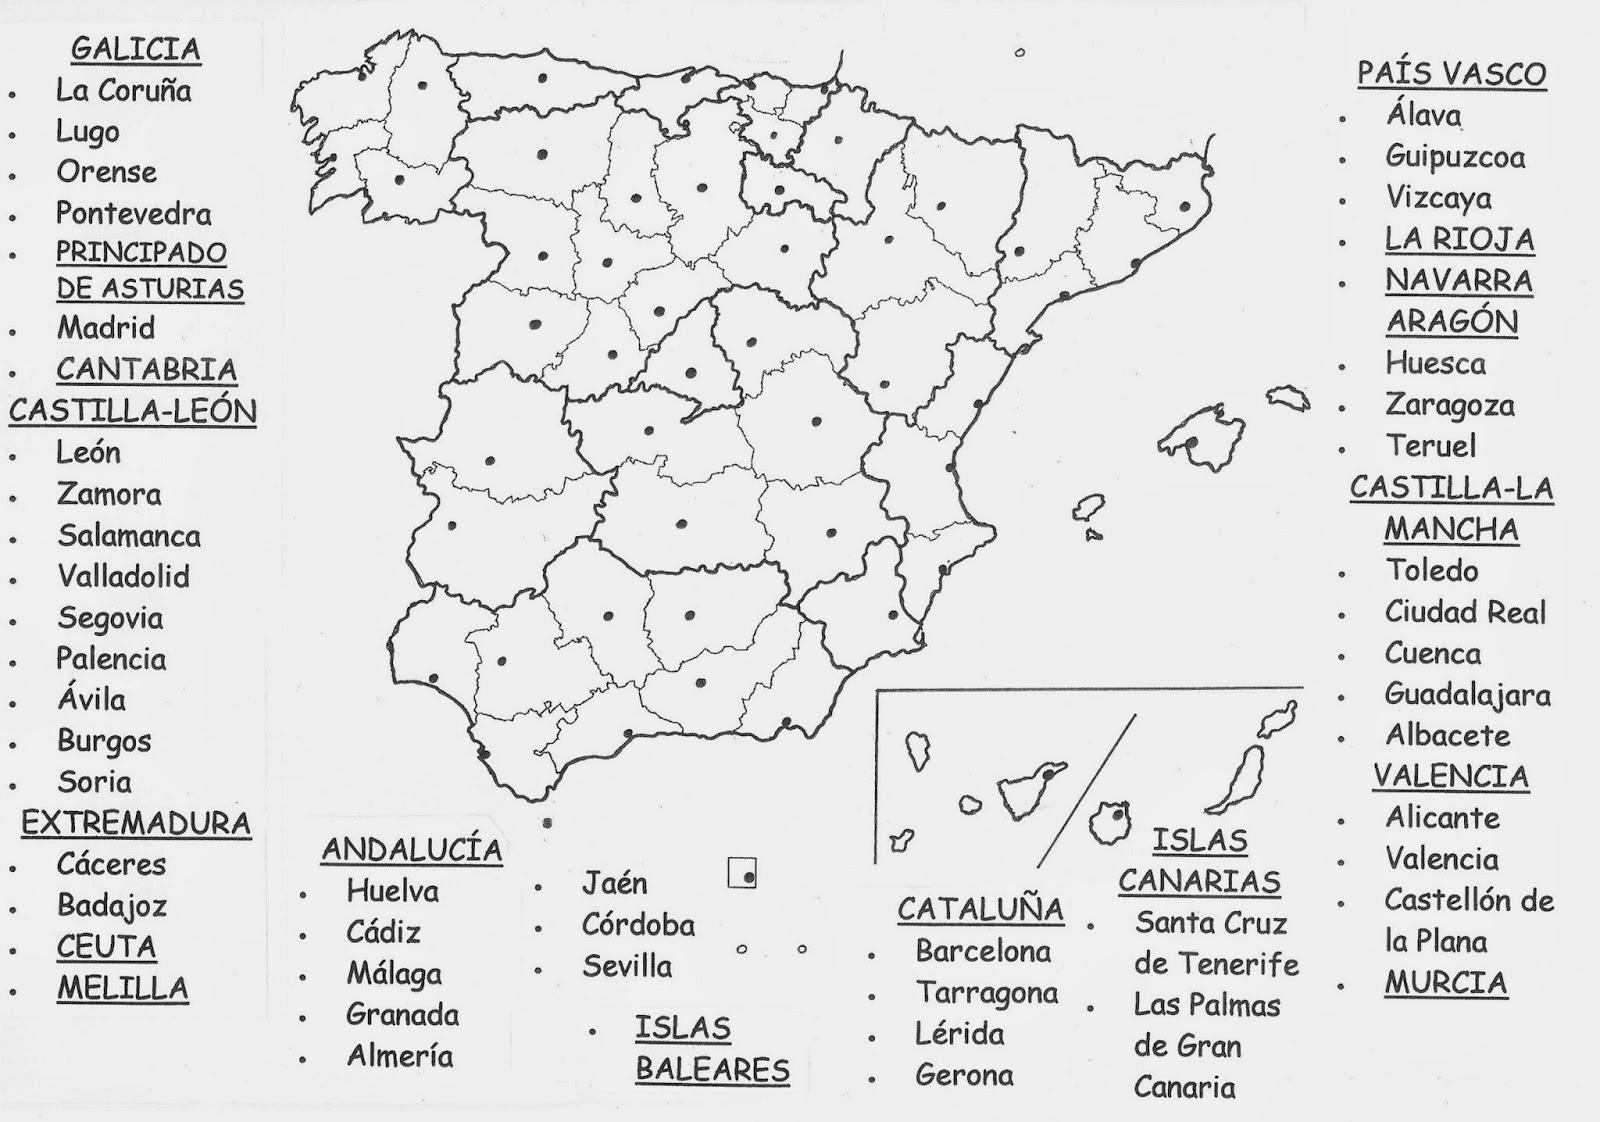 Manual del científico: Mapa mudo de las provincias de